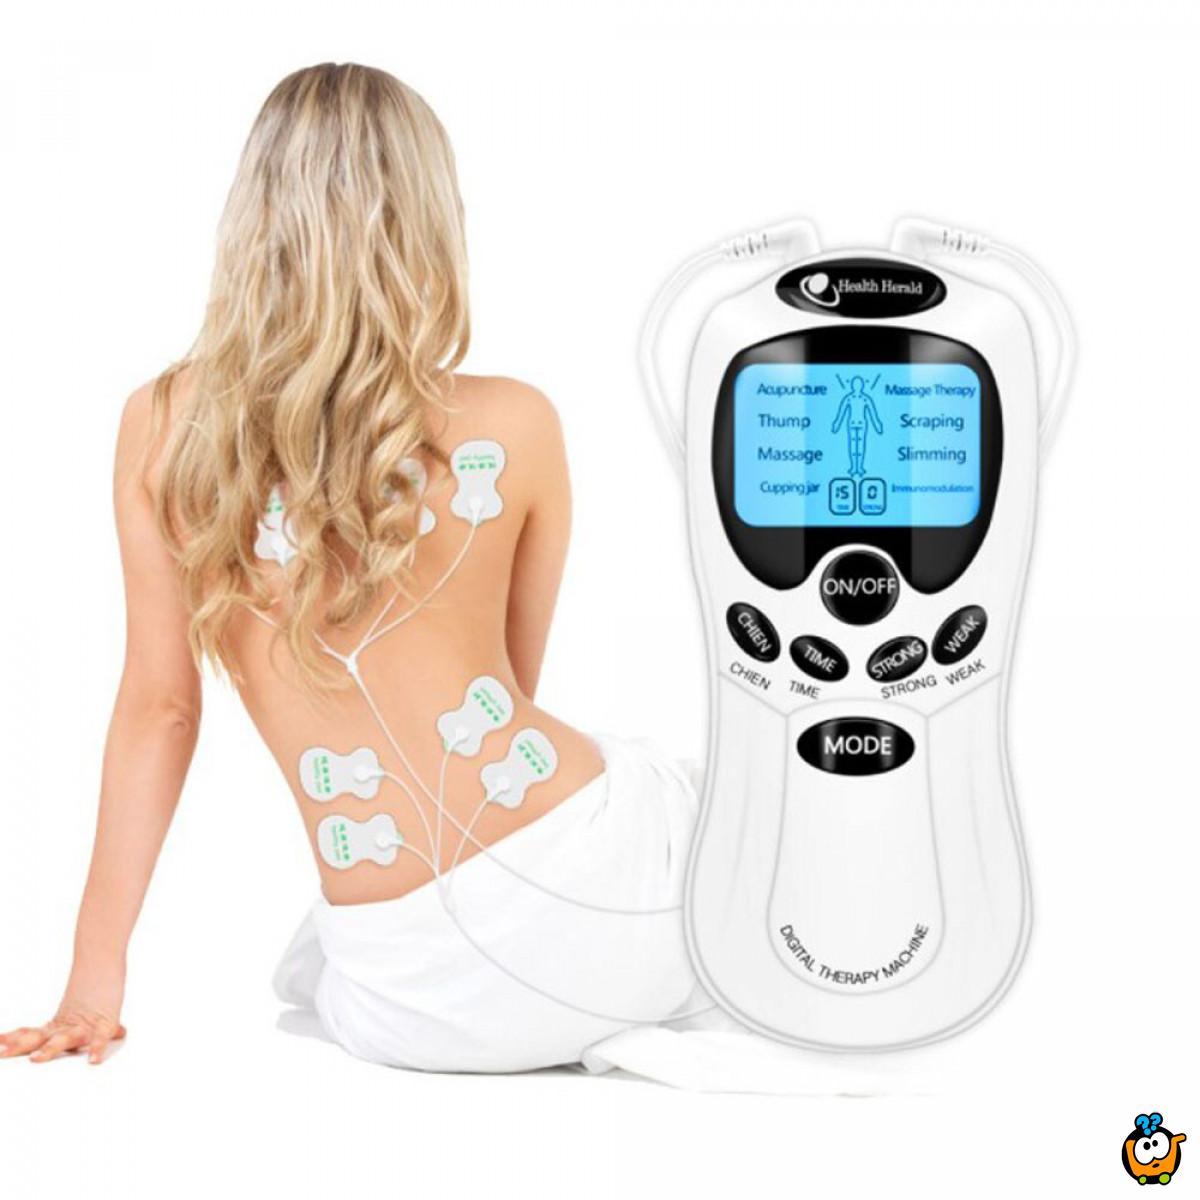 Bio pulsni masažer za ublažavanje bola u vratu i leđima